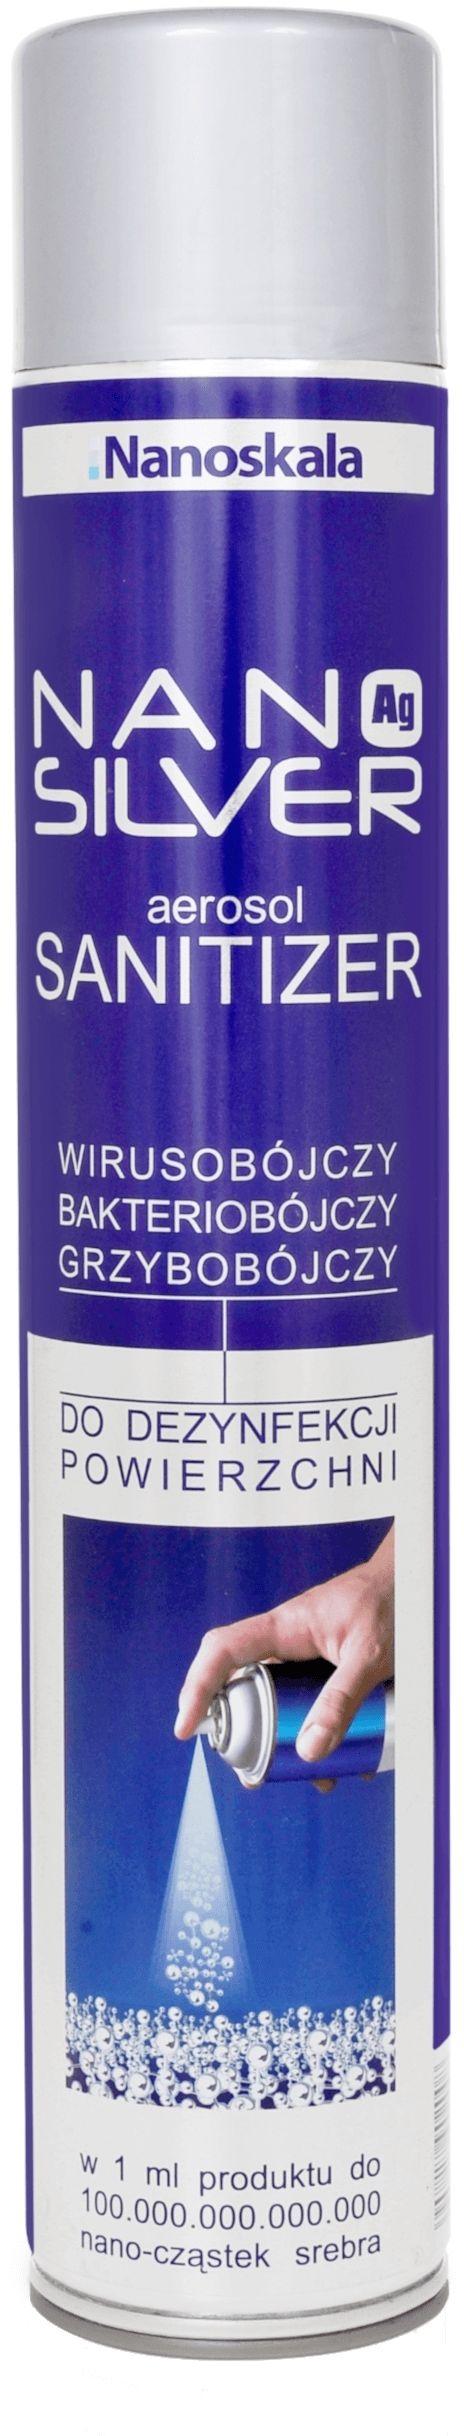 NANO SILVER aerosol SANITIZER 125 ml spray do dezynfekcji przeciwwirusowej